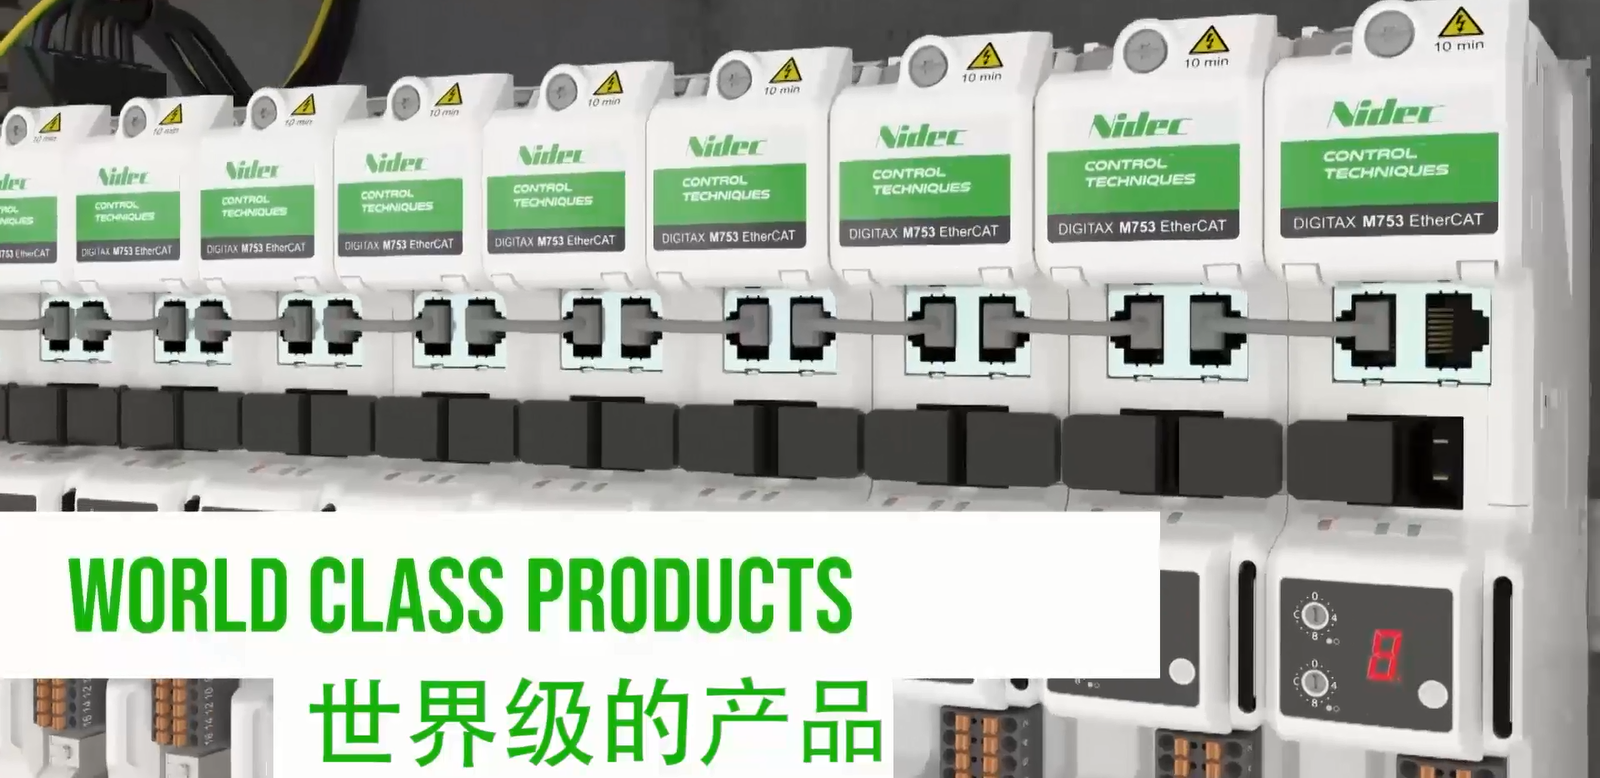 空气产品公司获得全球PCB龙头企业和代工巨头在国内的又一项现场制气合同